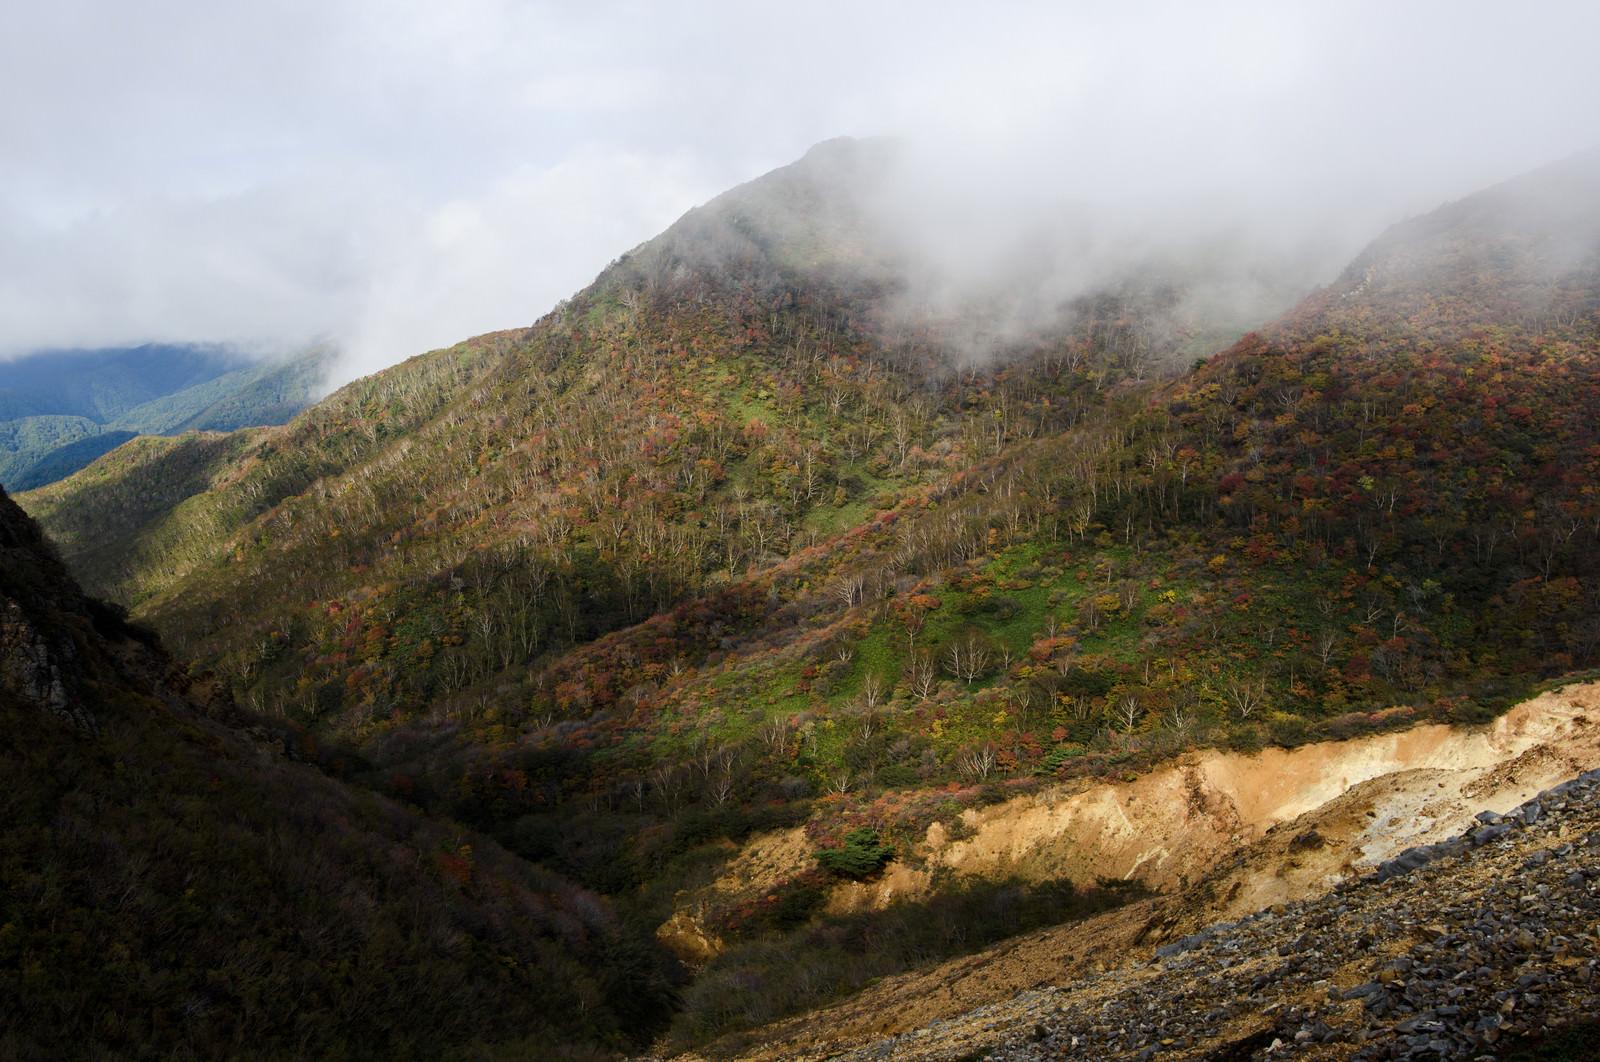 「雲の隙間から紅葉をのぞかせる那須岳(なすだけ)」の写真